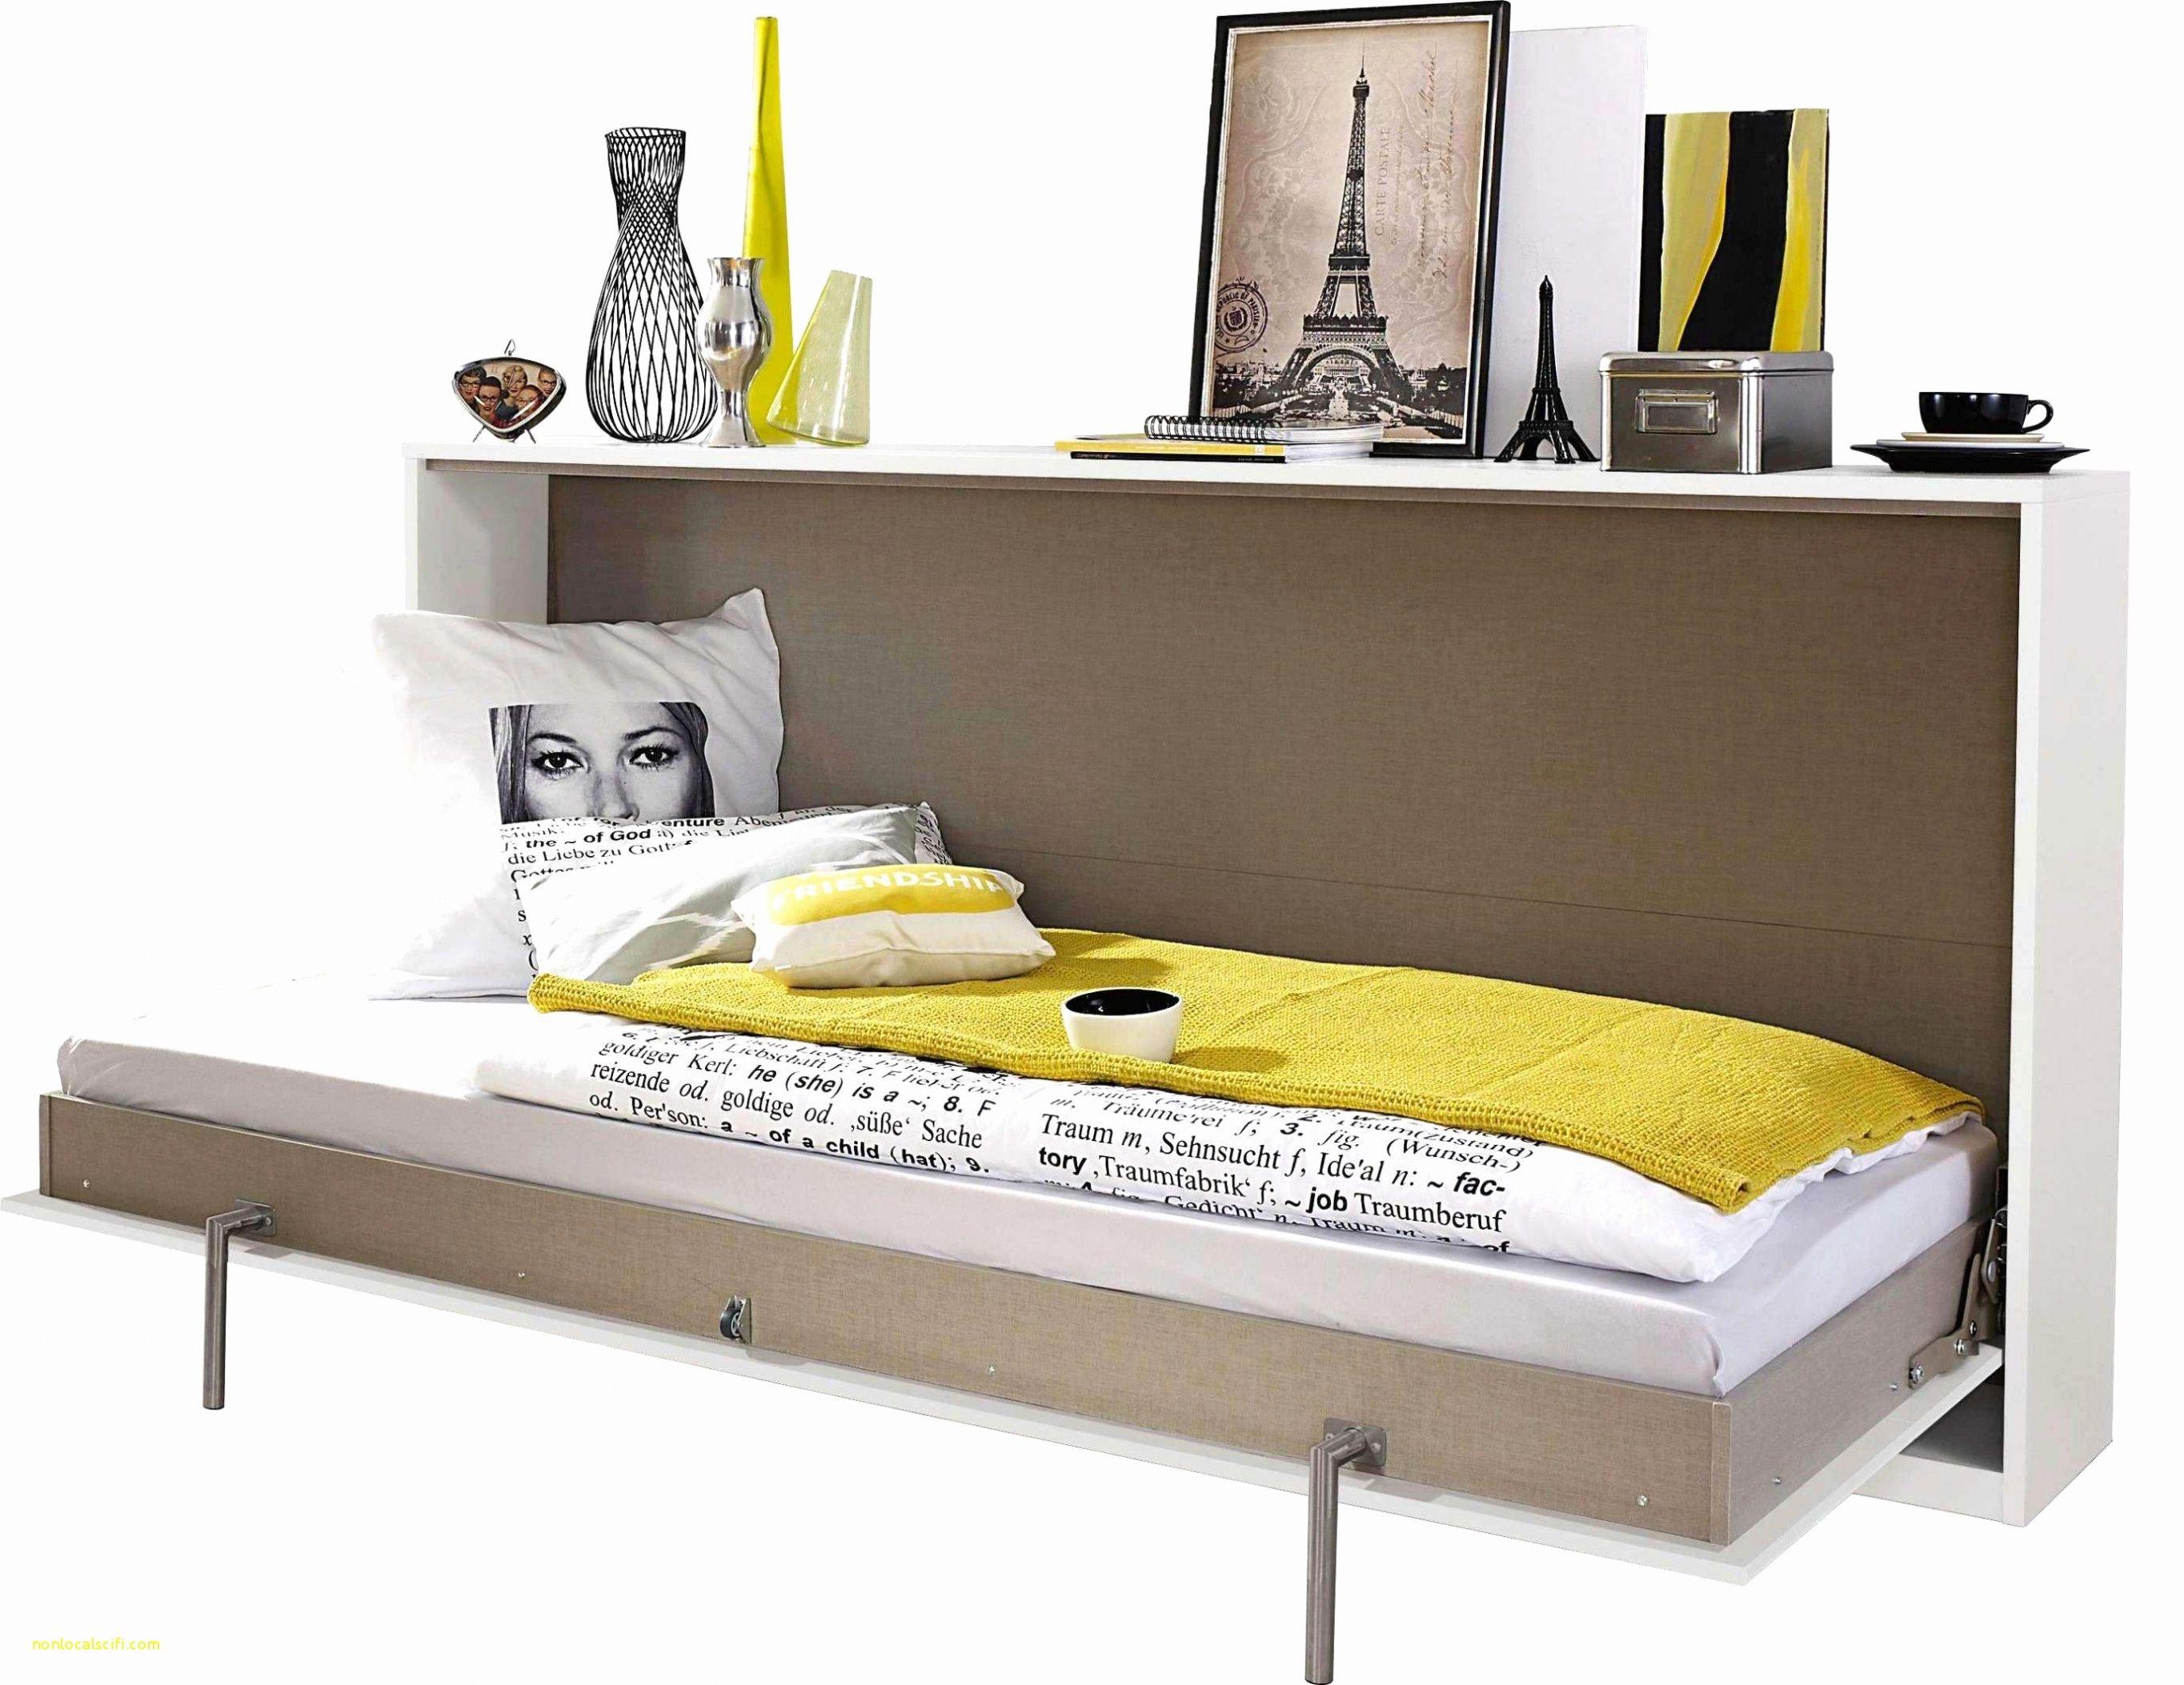 Lit Superposé Ado Inspirant Inspiré Lit Mezzanine Design Lit Mezzanine Design Unique Wilde Lit